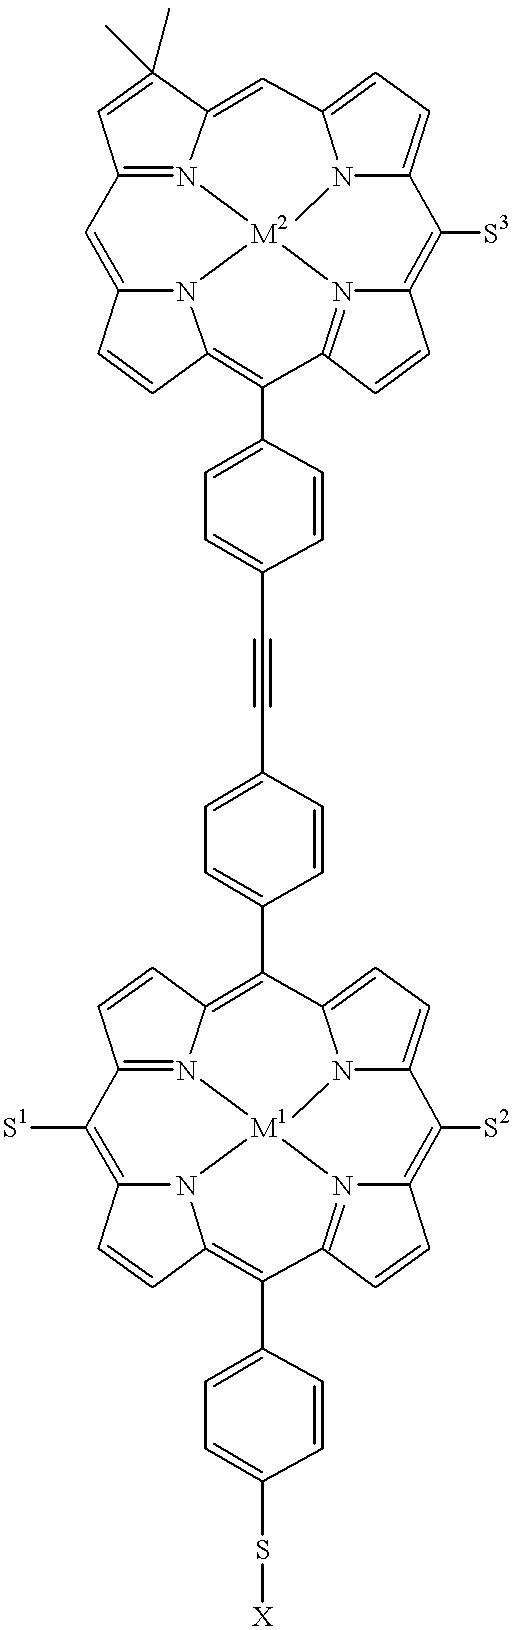 Figure US06381169-20020430-C00032